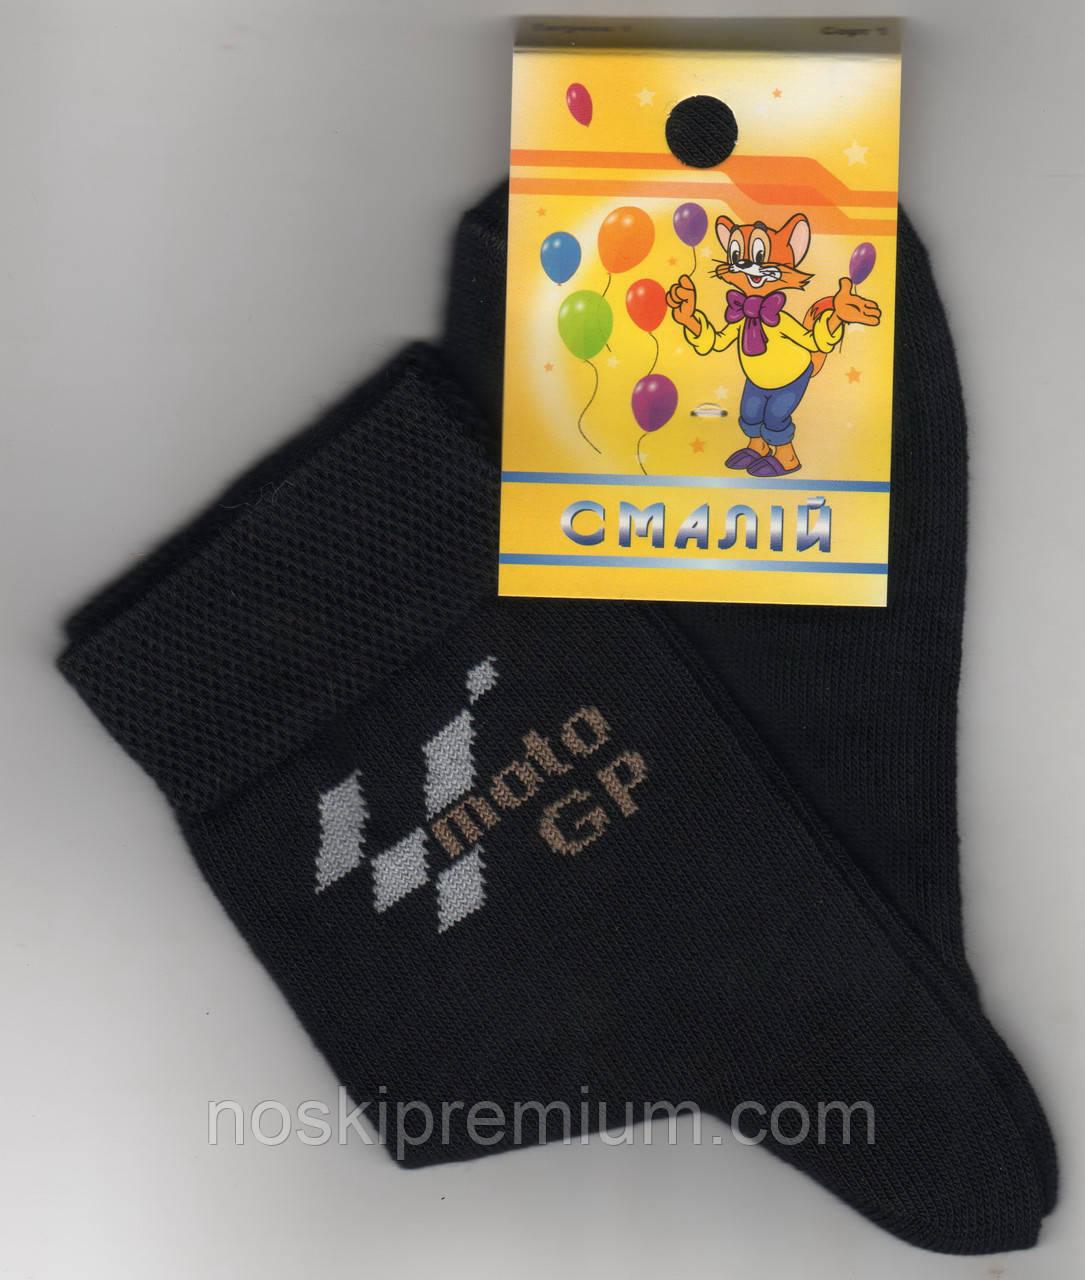 Детские носки демисезонные х/б Смалий, 30-32, 20 размер